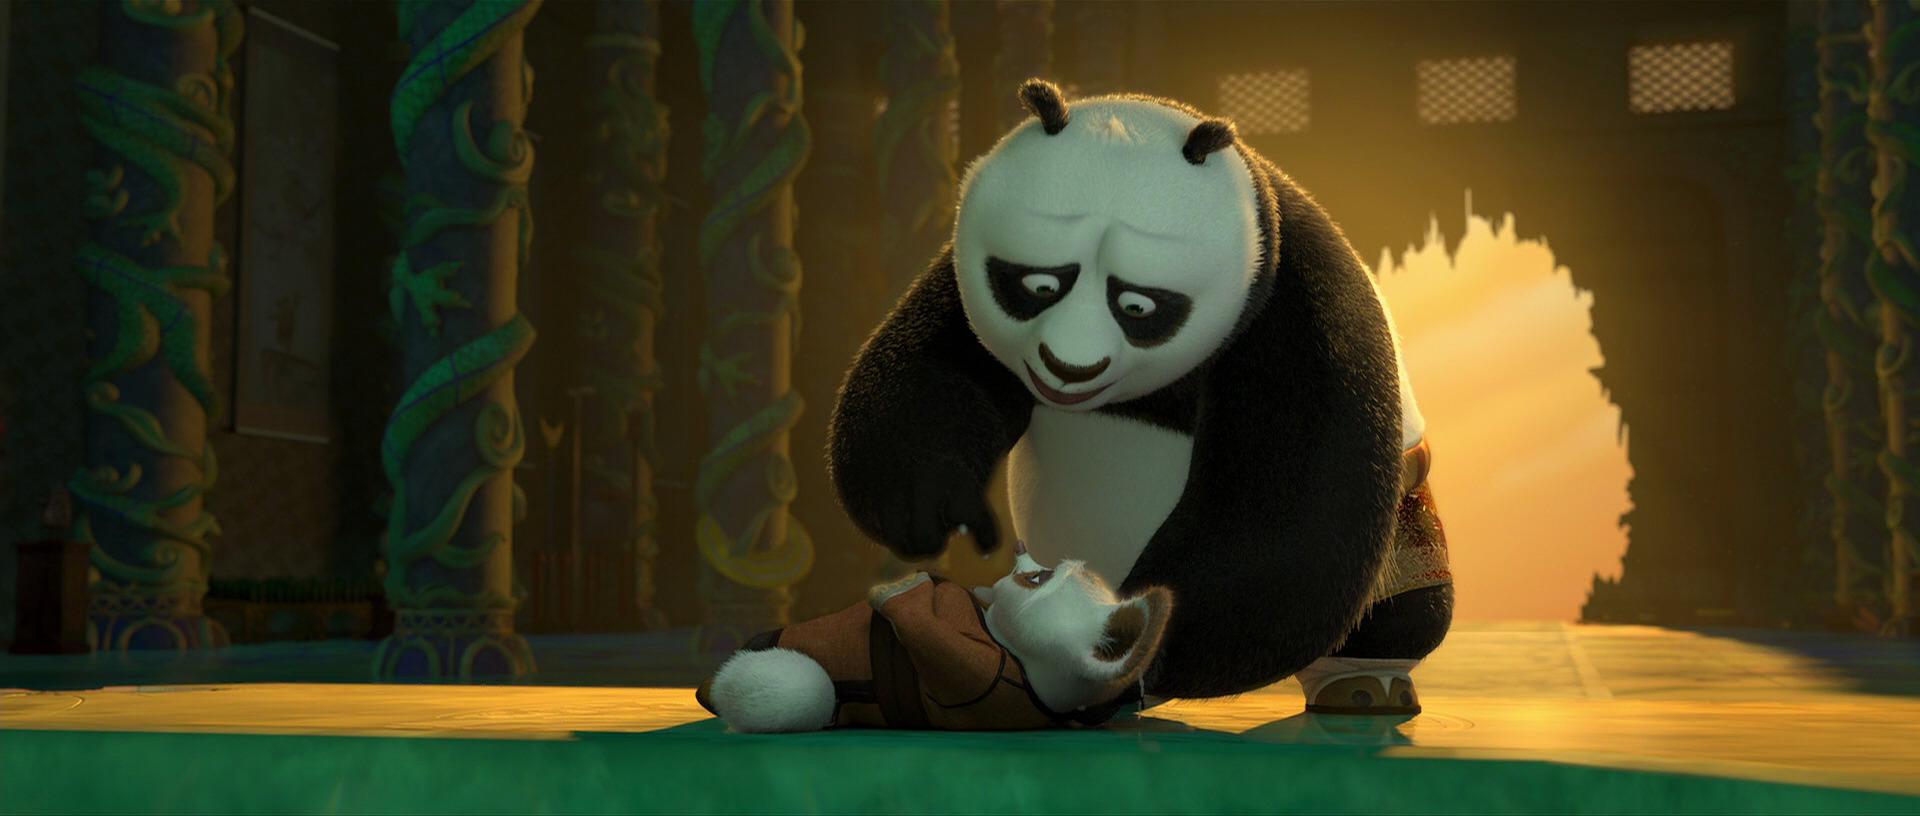 1736  December 18  2011 Kung Fu Panda Po And Shifu